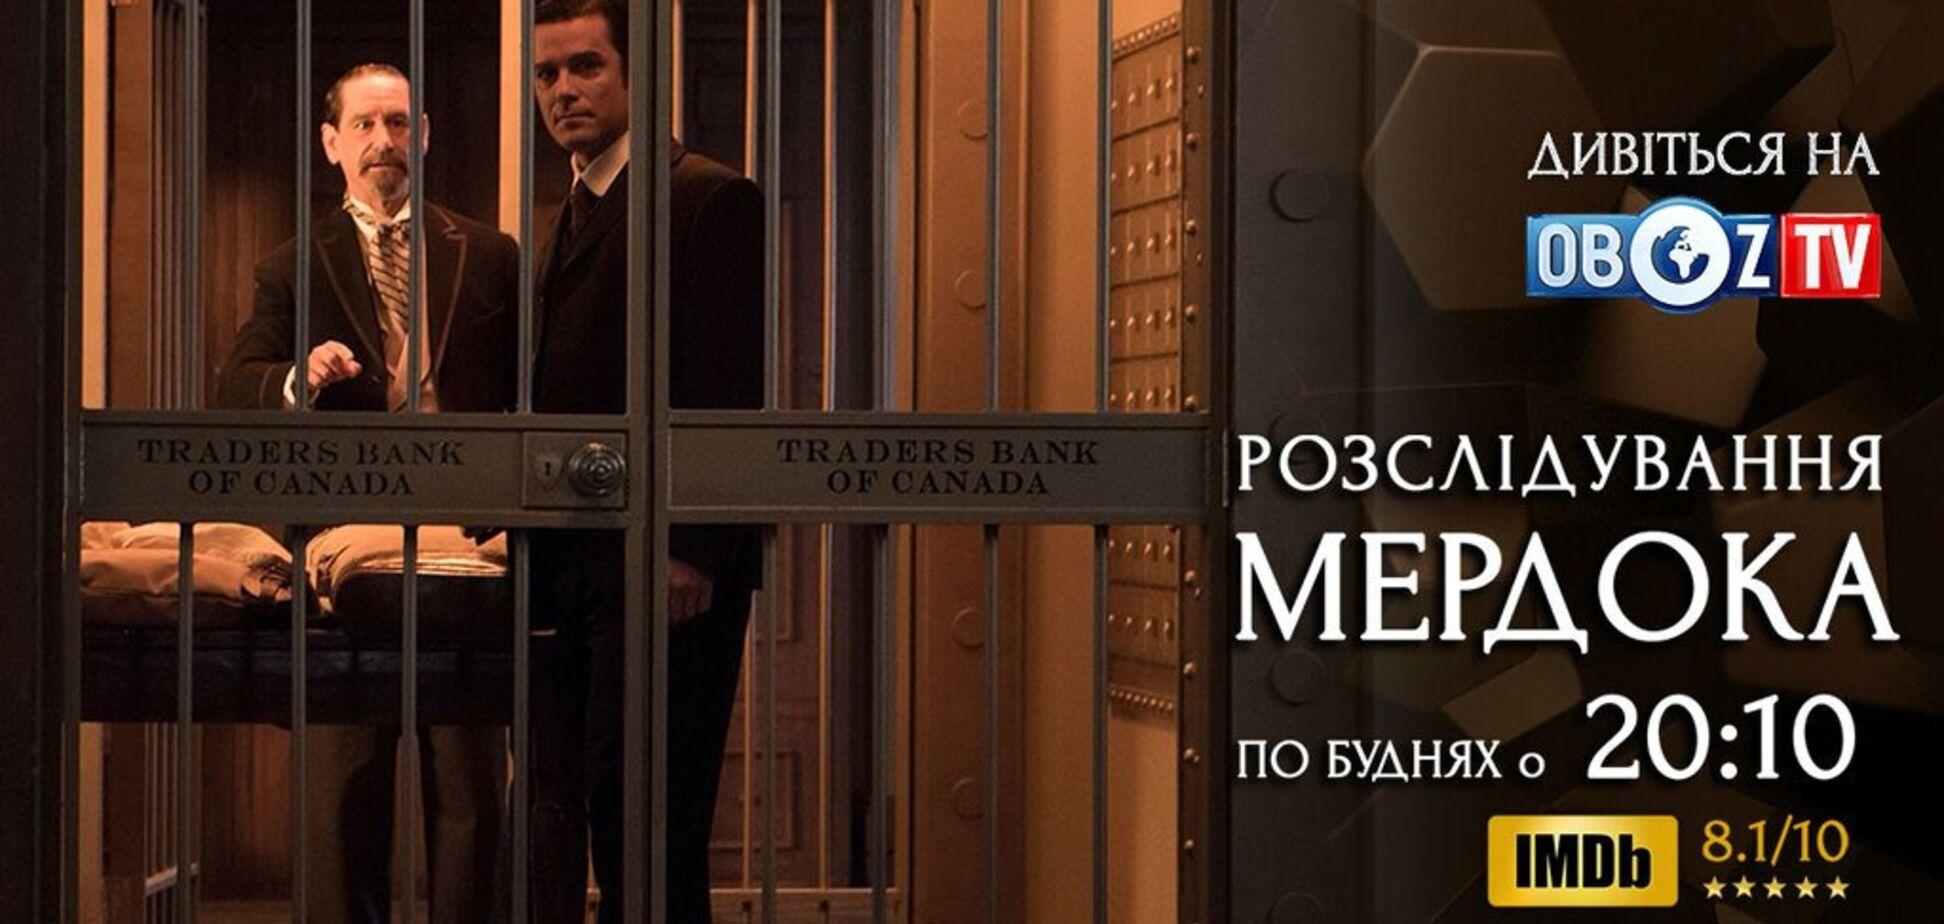 Дивіться на ObozTV серіал 'Розслідування Мердока' – серія 'День малюка'